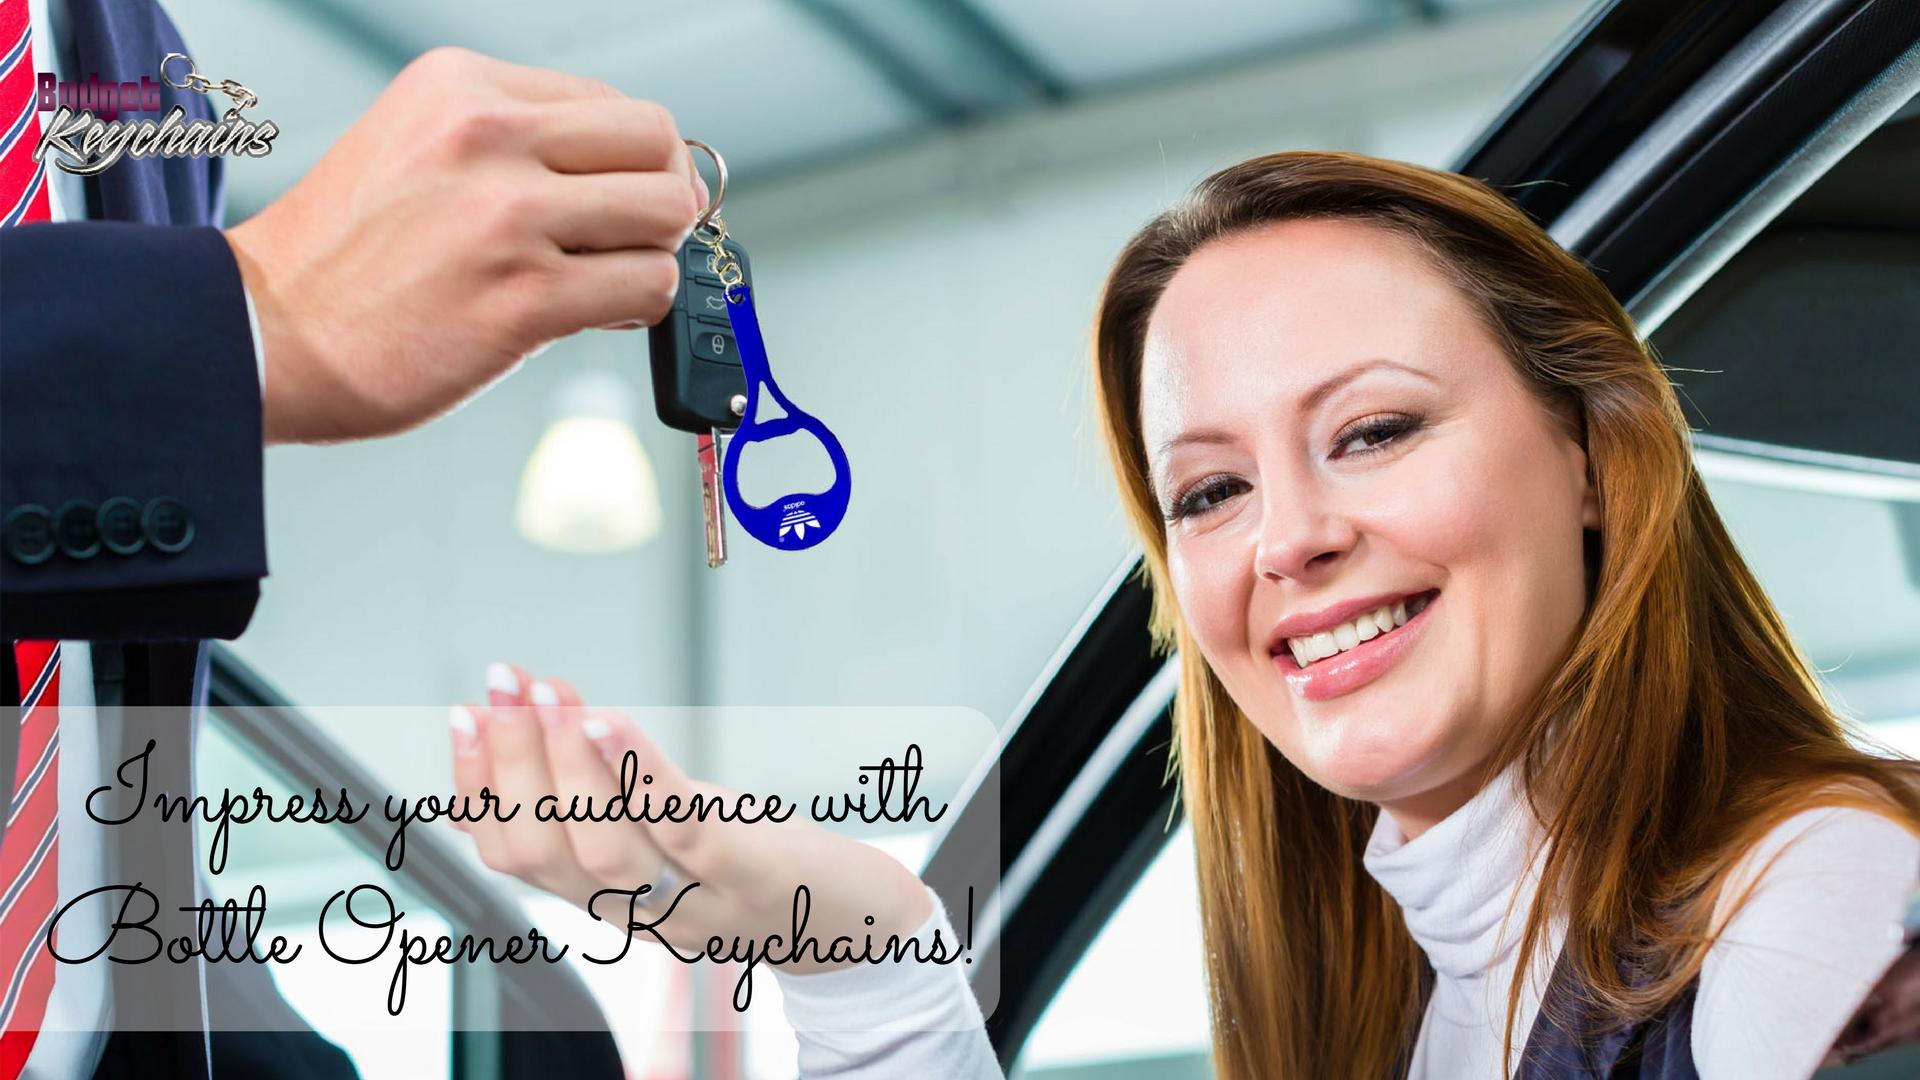 bottleOpener-keychains-functional-gift